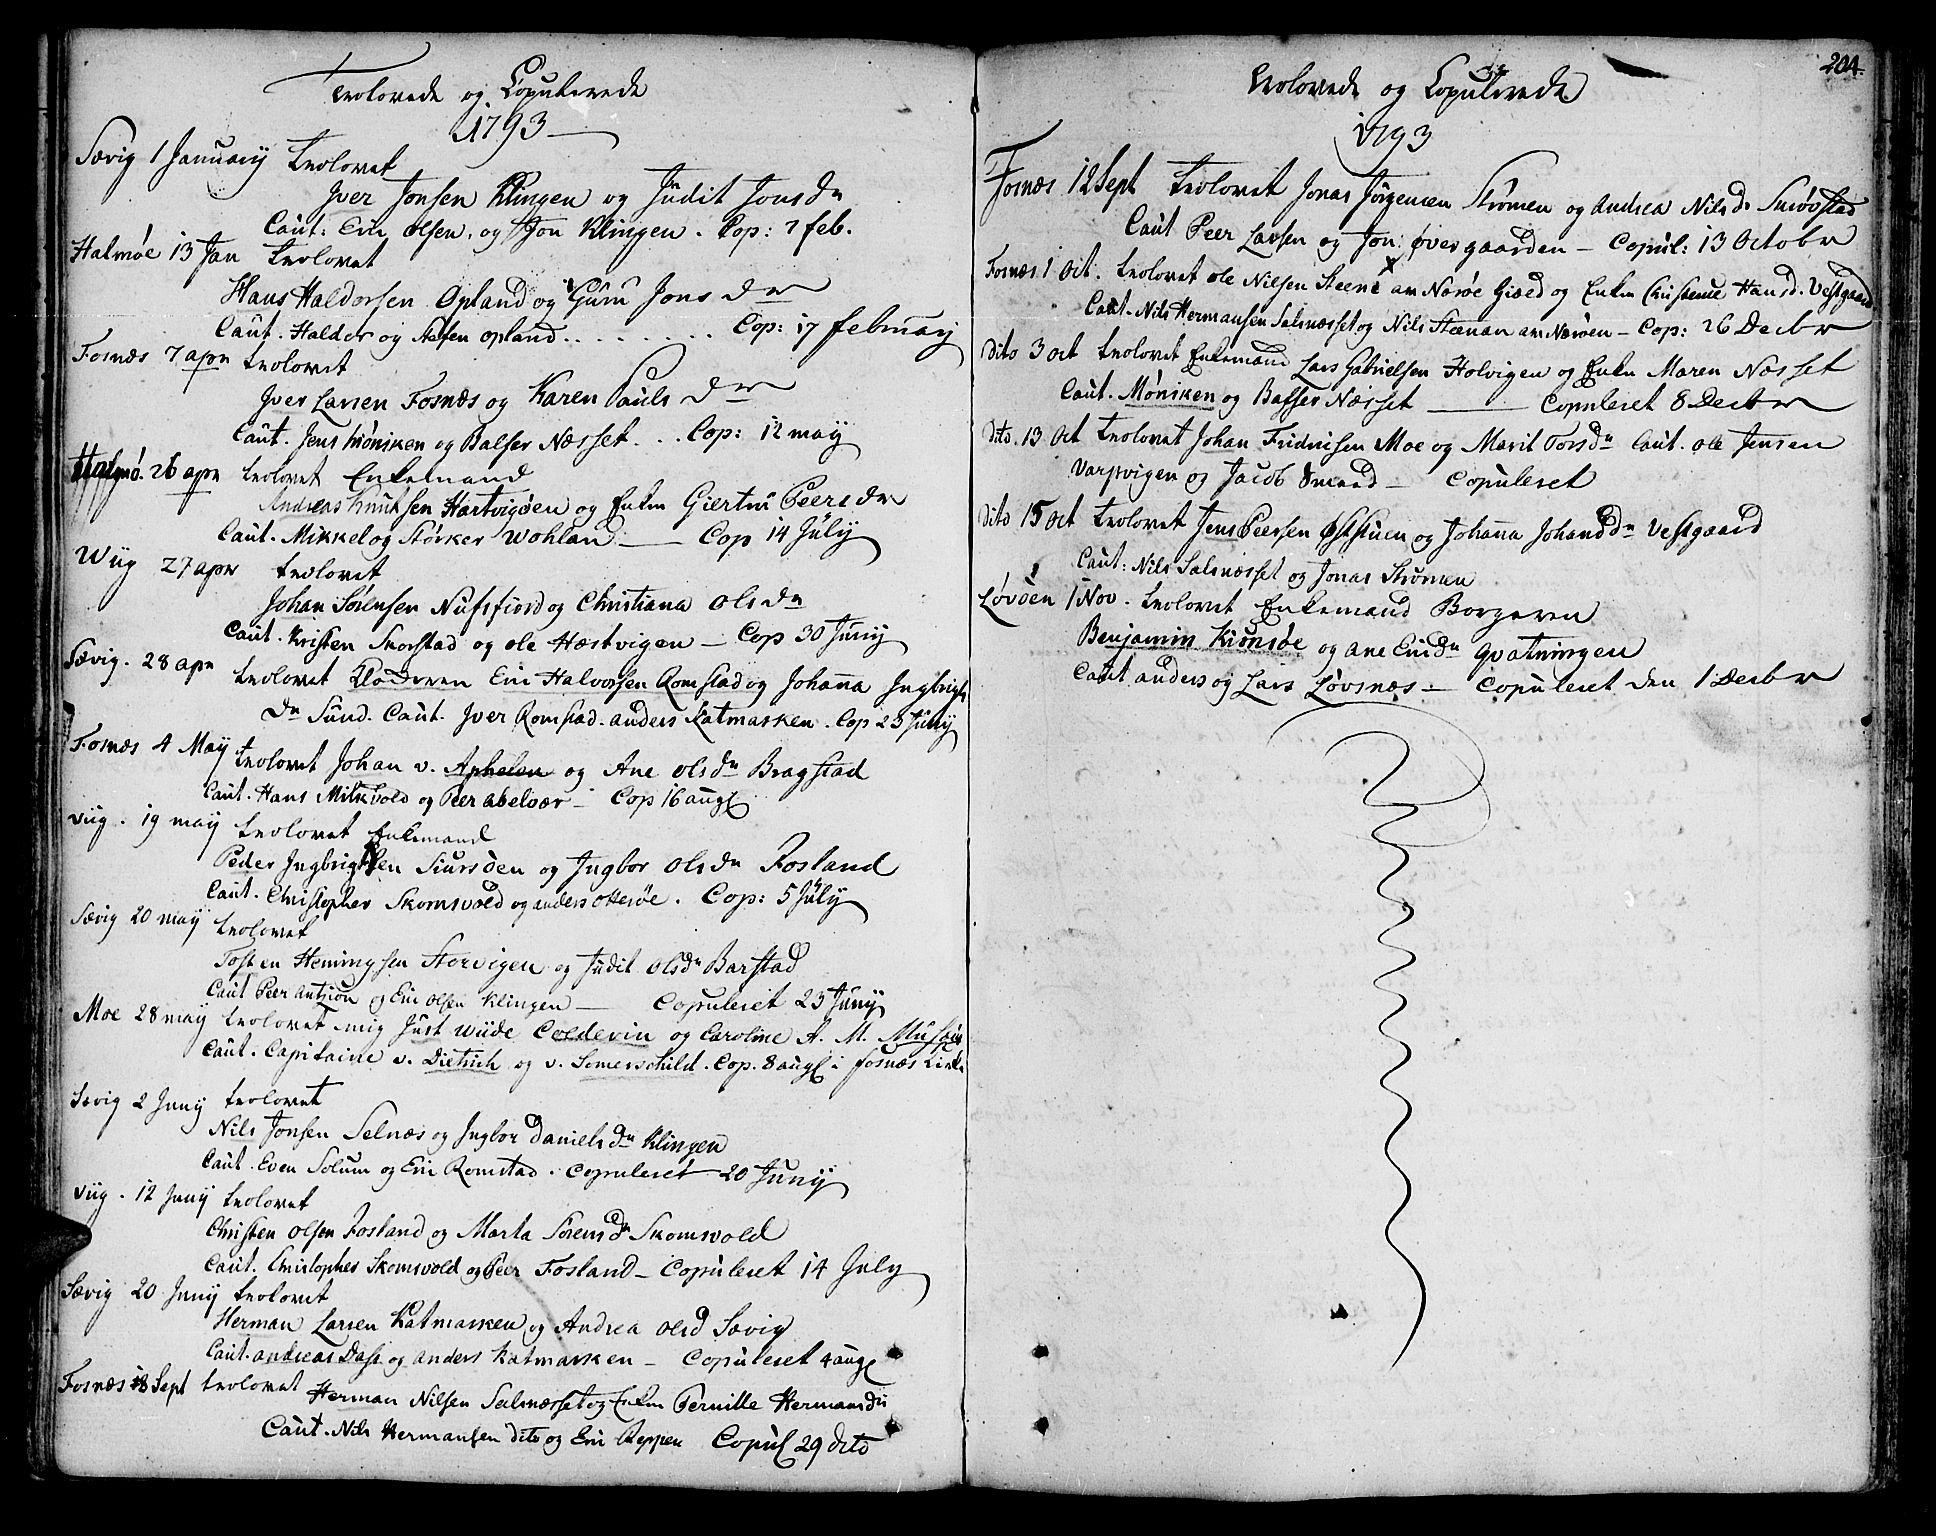 SAT, Ministerialprotokoller, klokkerbøker og fødselsregistre - Nord-Trøndelag, 773/L0608: Ministerialbok nr. 773A02, 1784-1816, s. 204